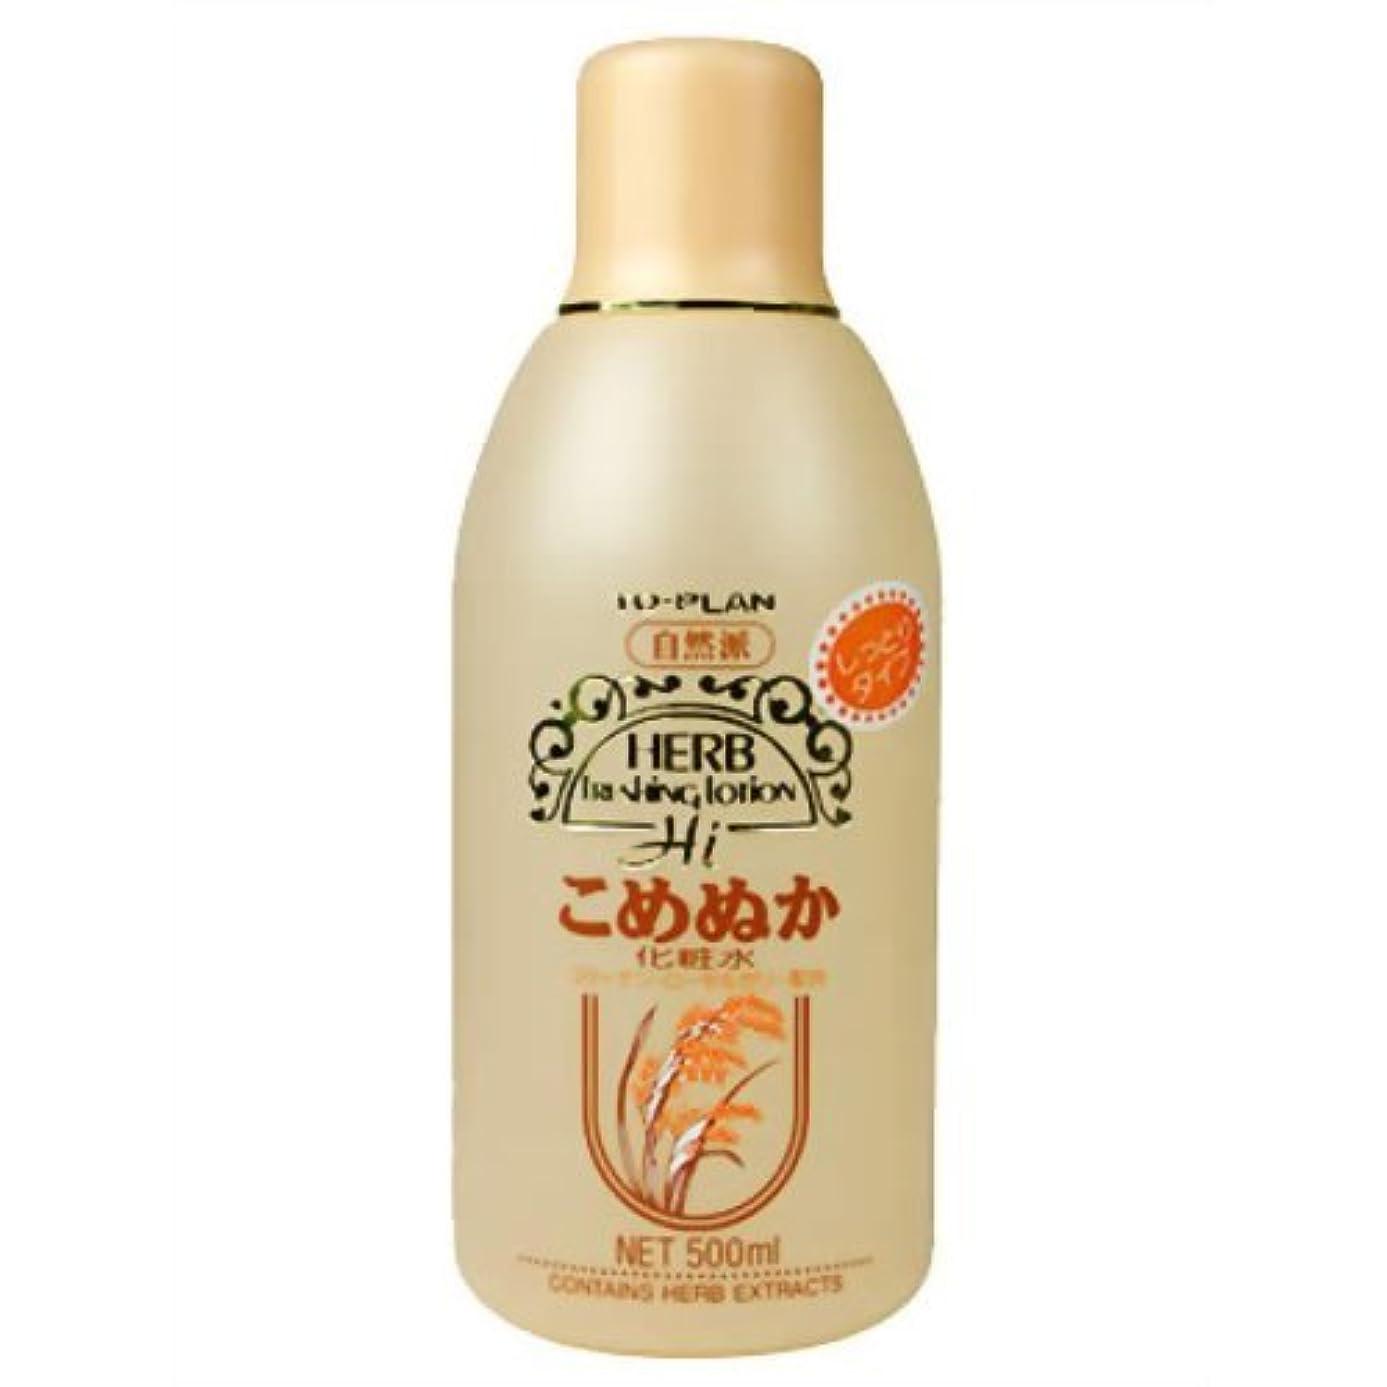 場合十分ではない唯物論トプラン 米ぬか化粧水 500ml